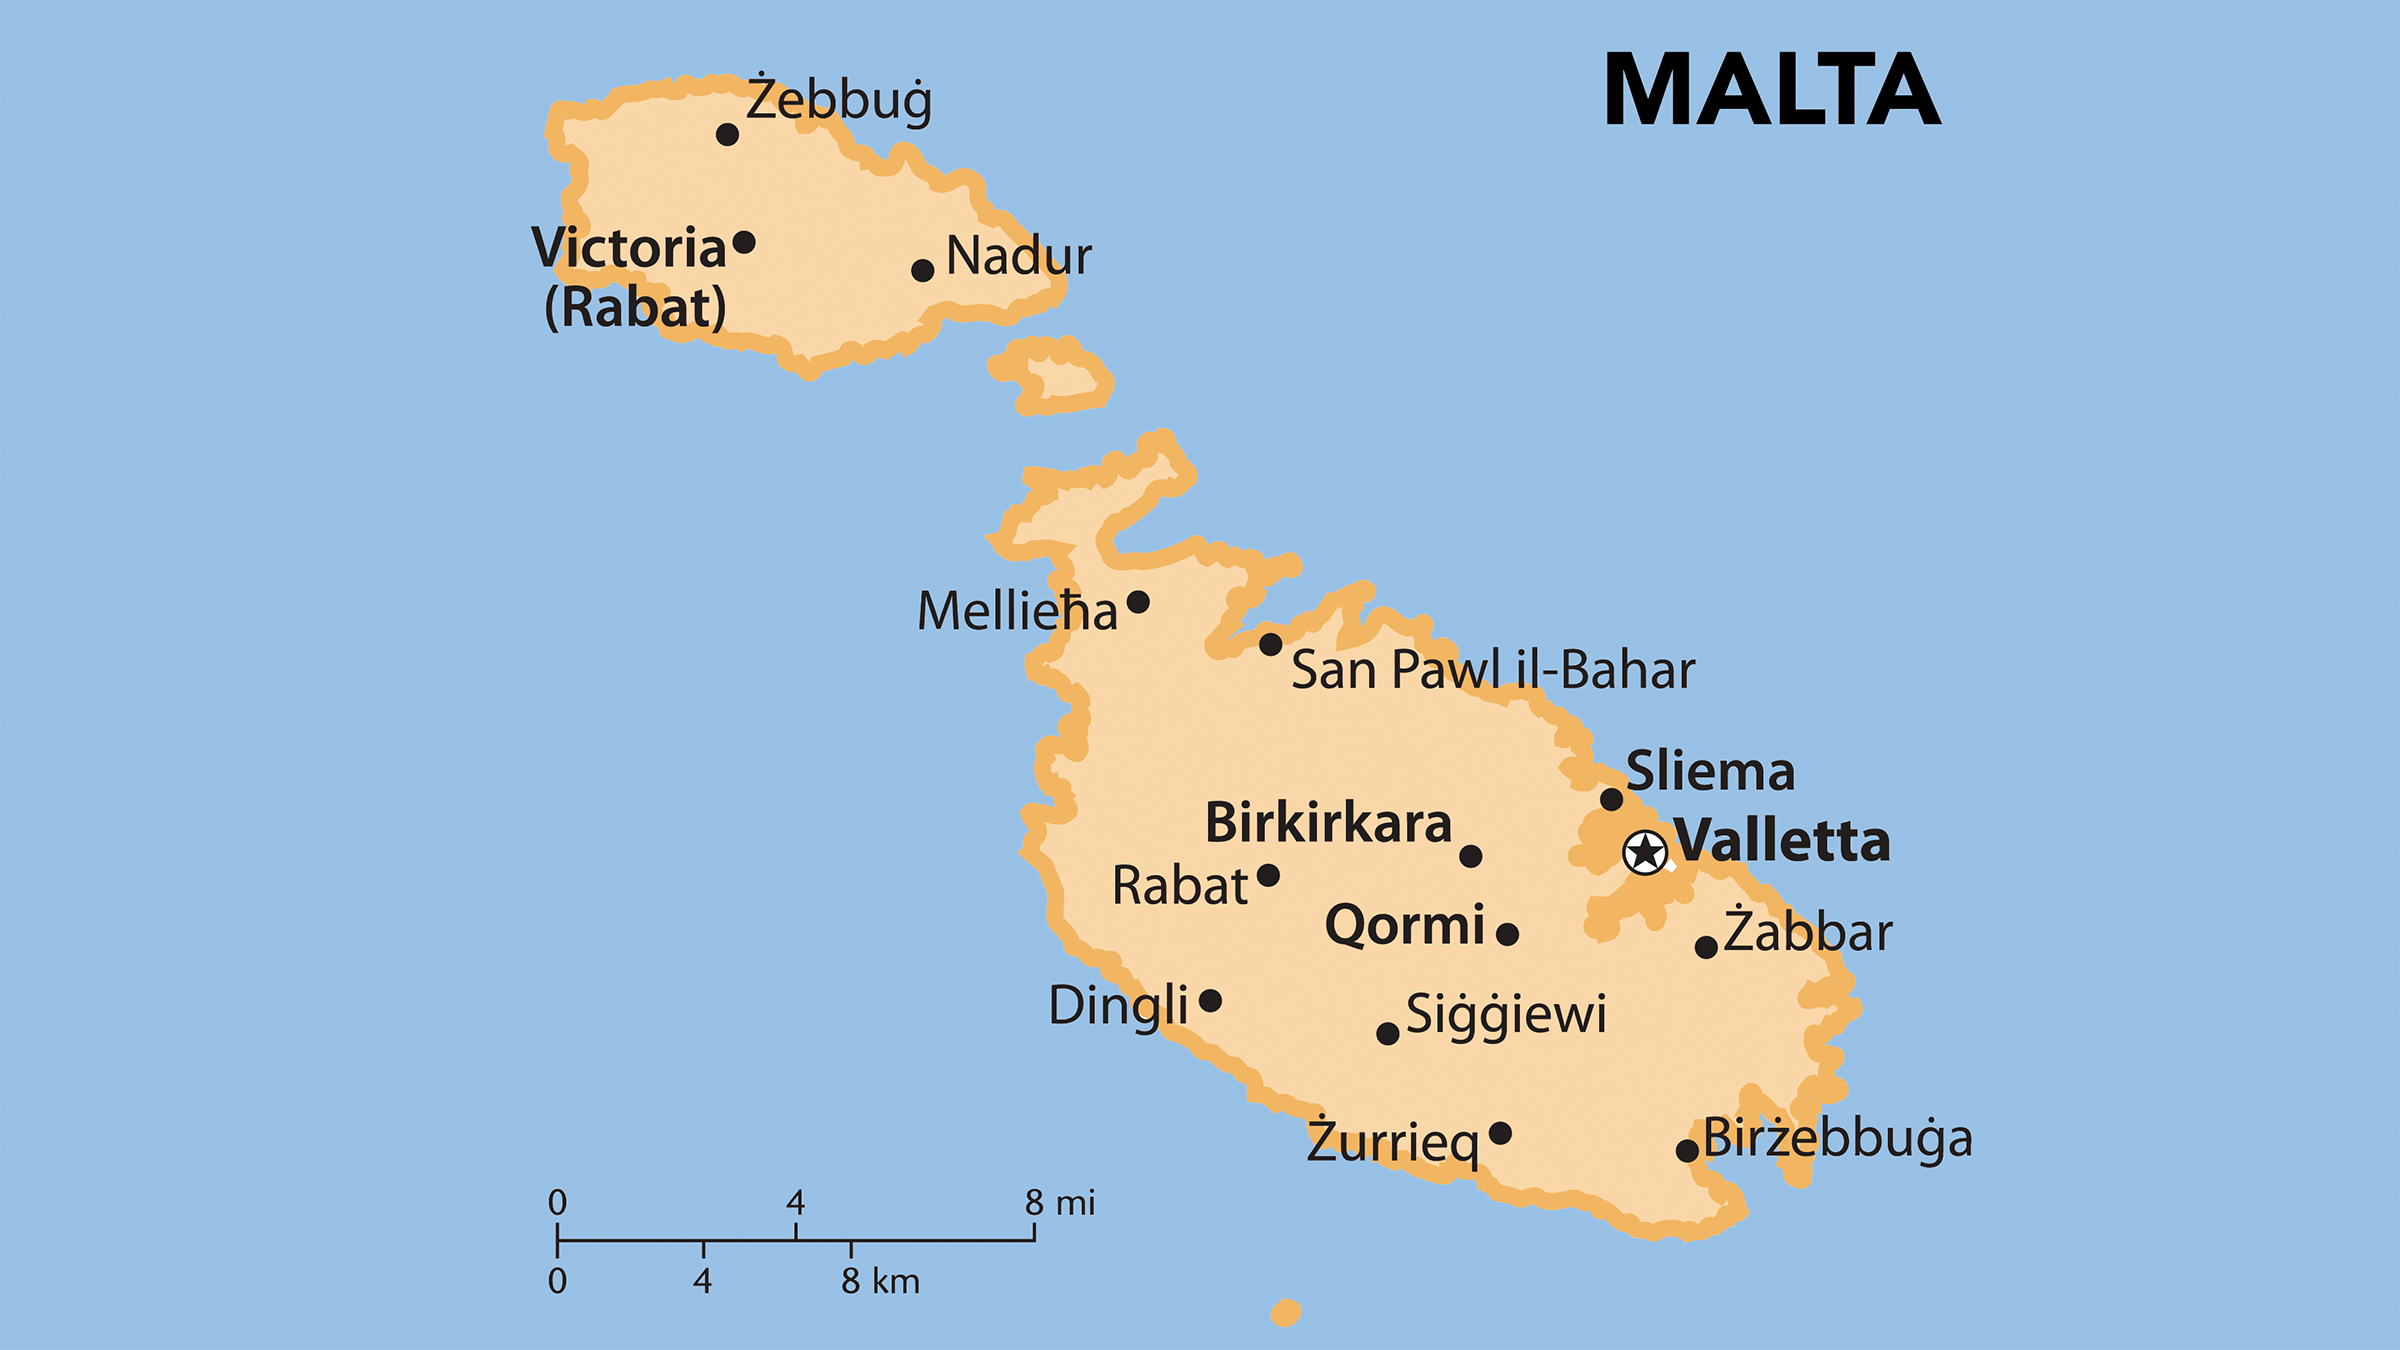 malta no mapa Mapa turístico de Malta | Mapas del mundo | Pinterest malta no mapa